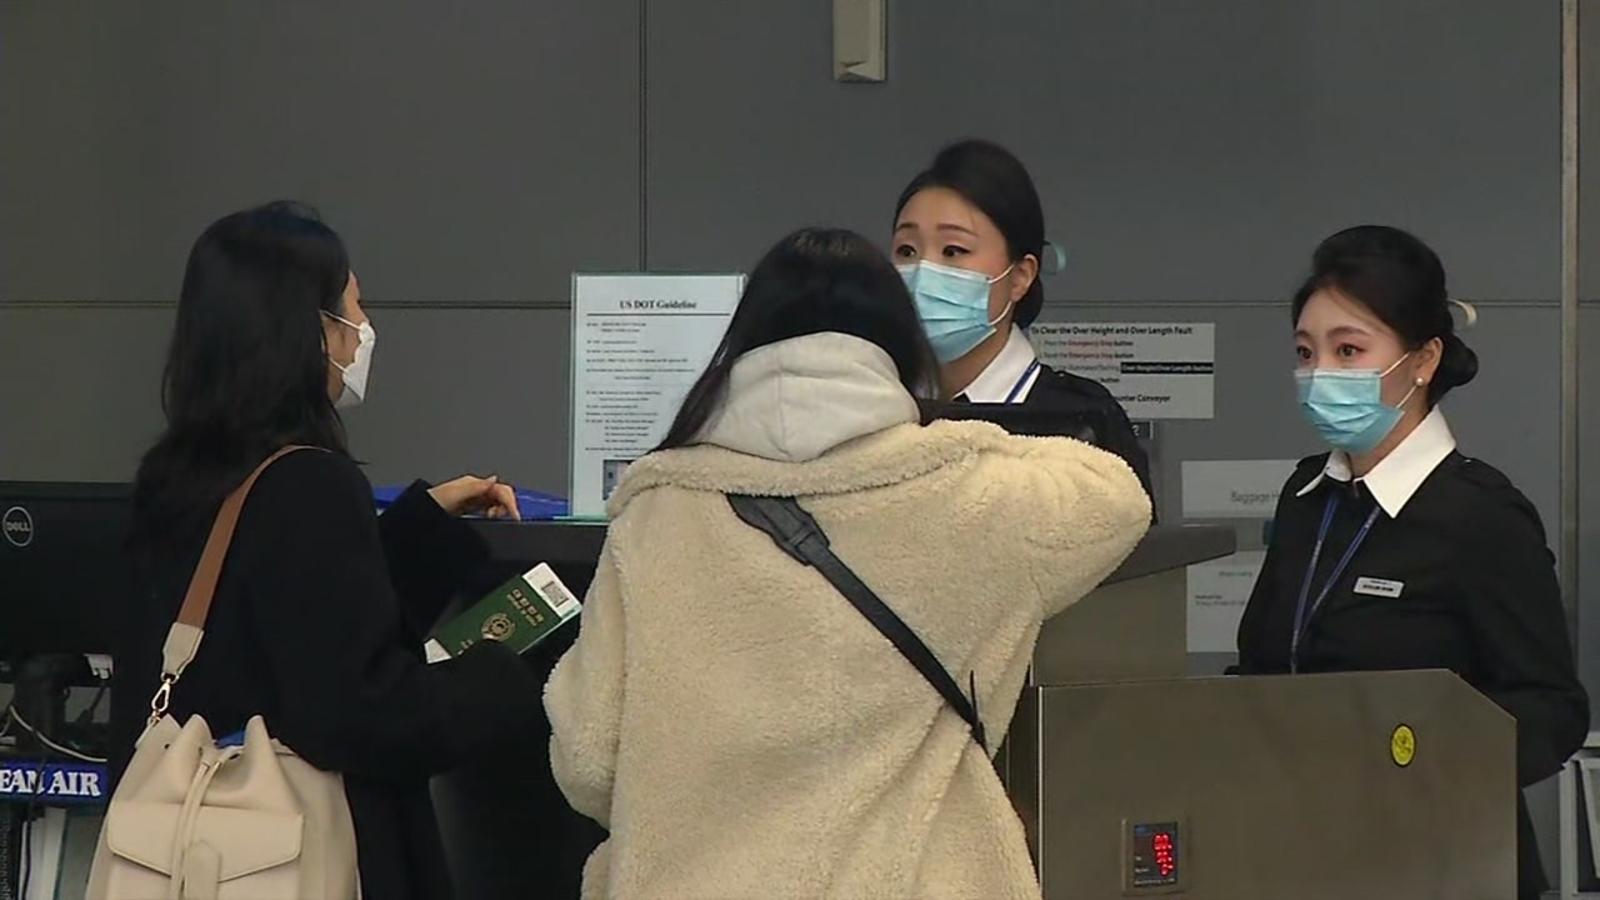 Novel Coronavirus Covid 19 Fears Cause Global Run On Medical Face